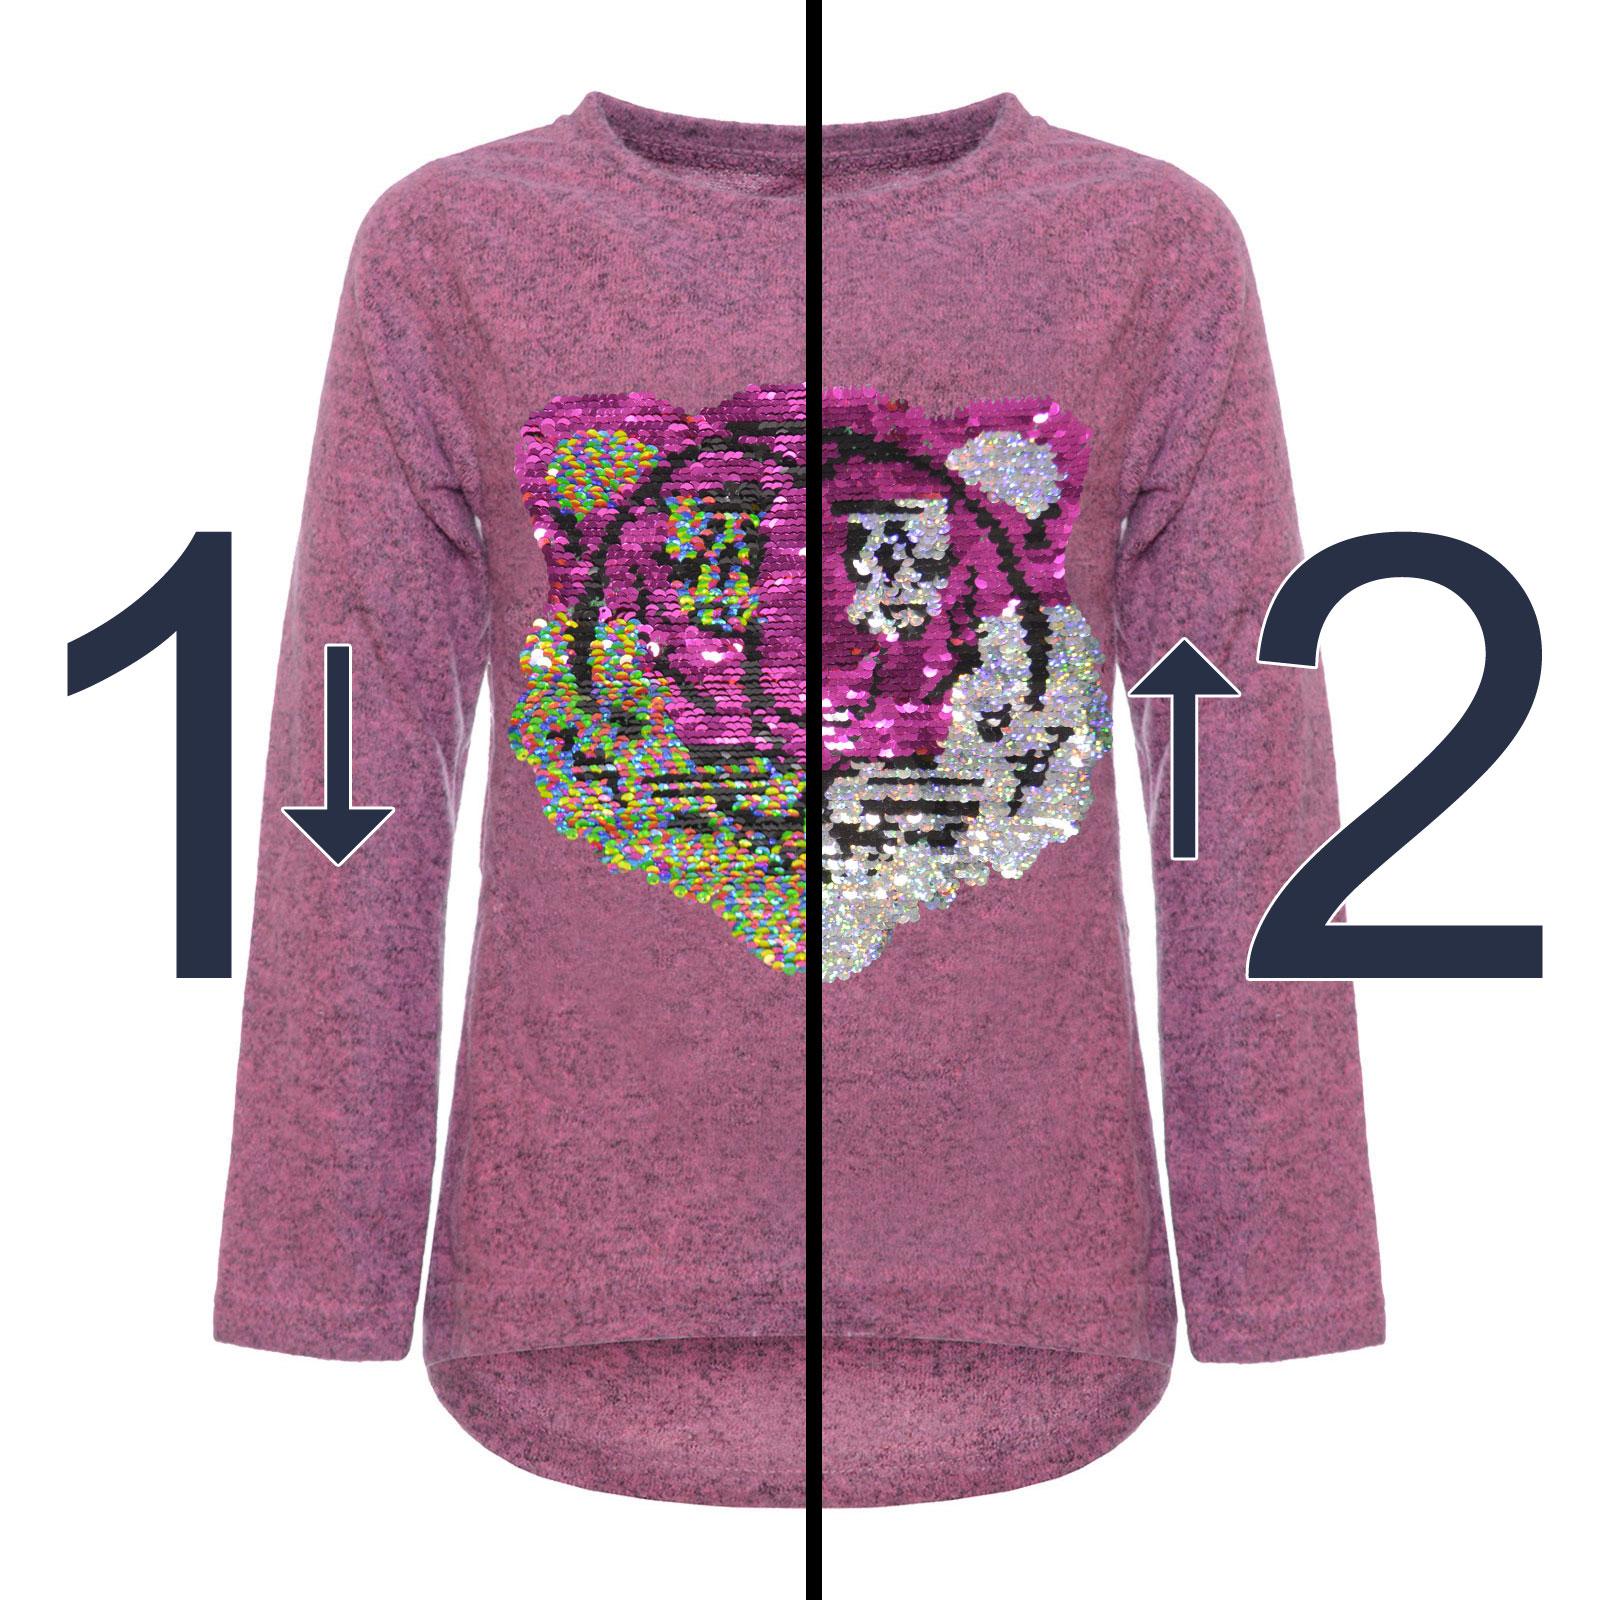 31374a1295 Kinder Mädchen Wende Pailletten Sweatshirt Pullover Pulli Langarm ...